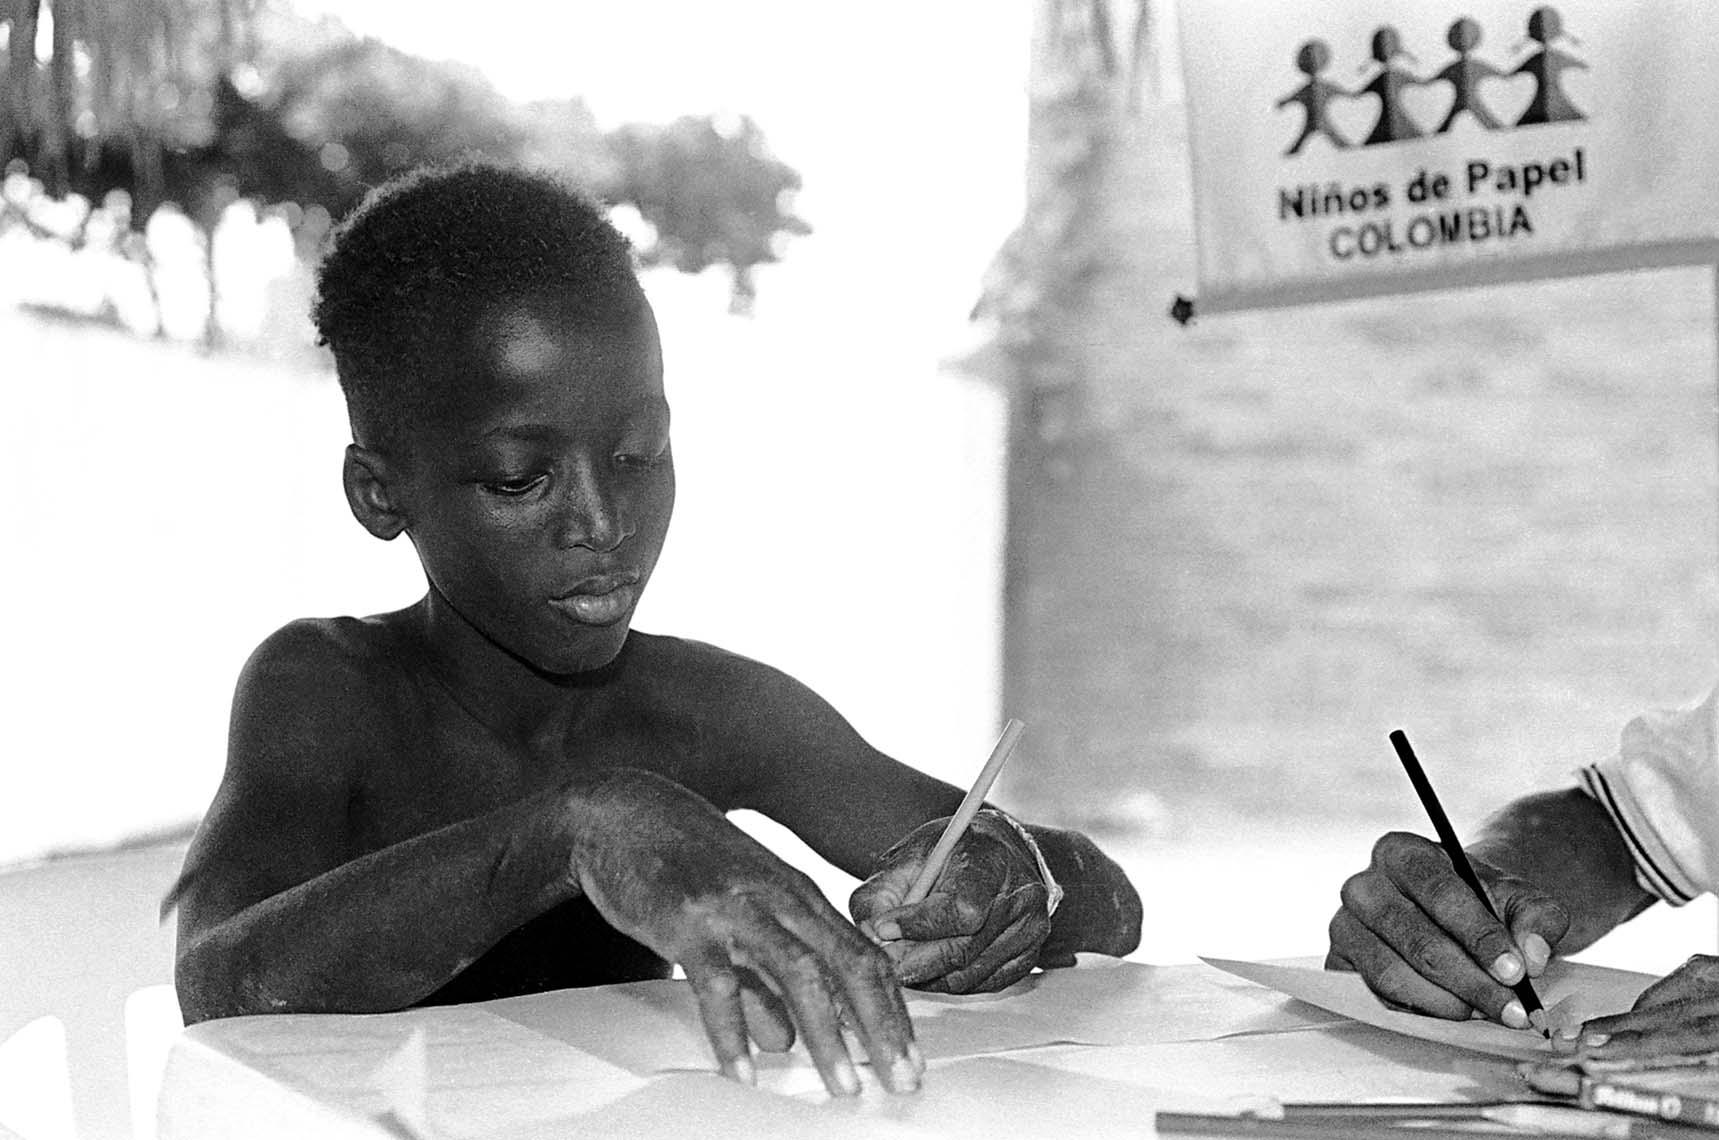 Niño de la calle Cartagena de Indias (Colombia)